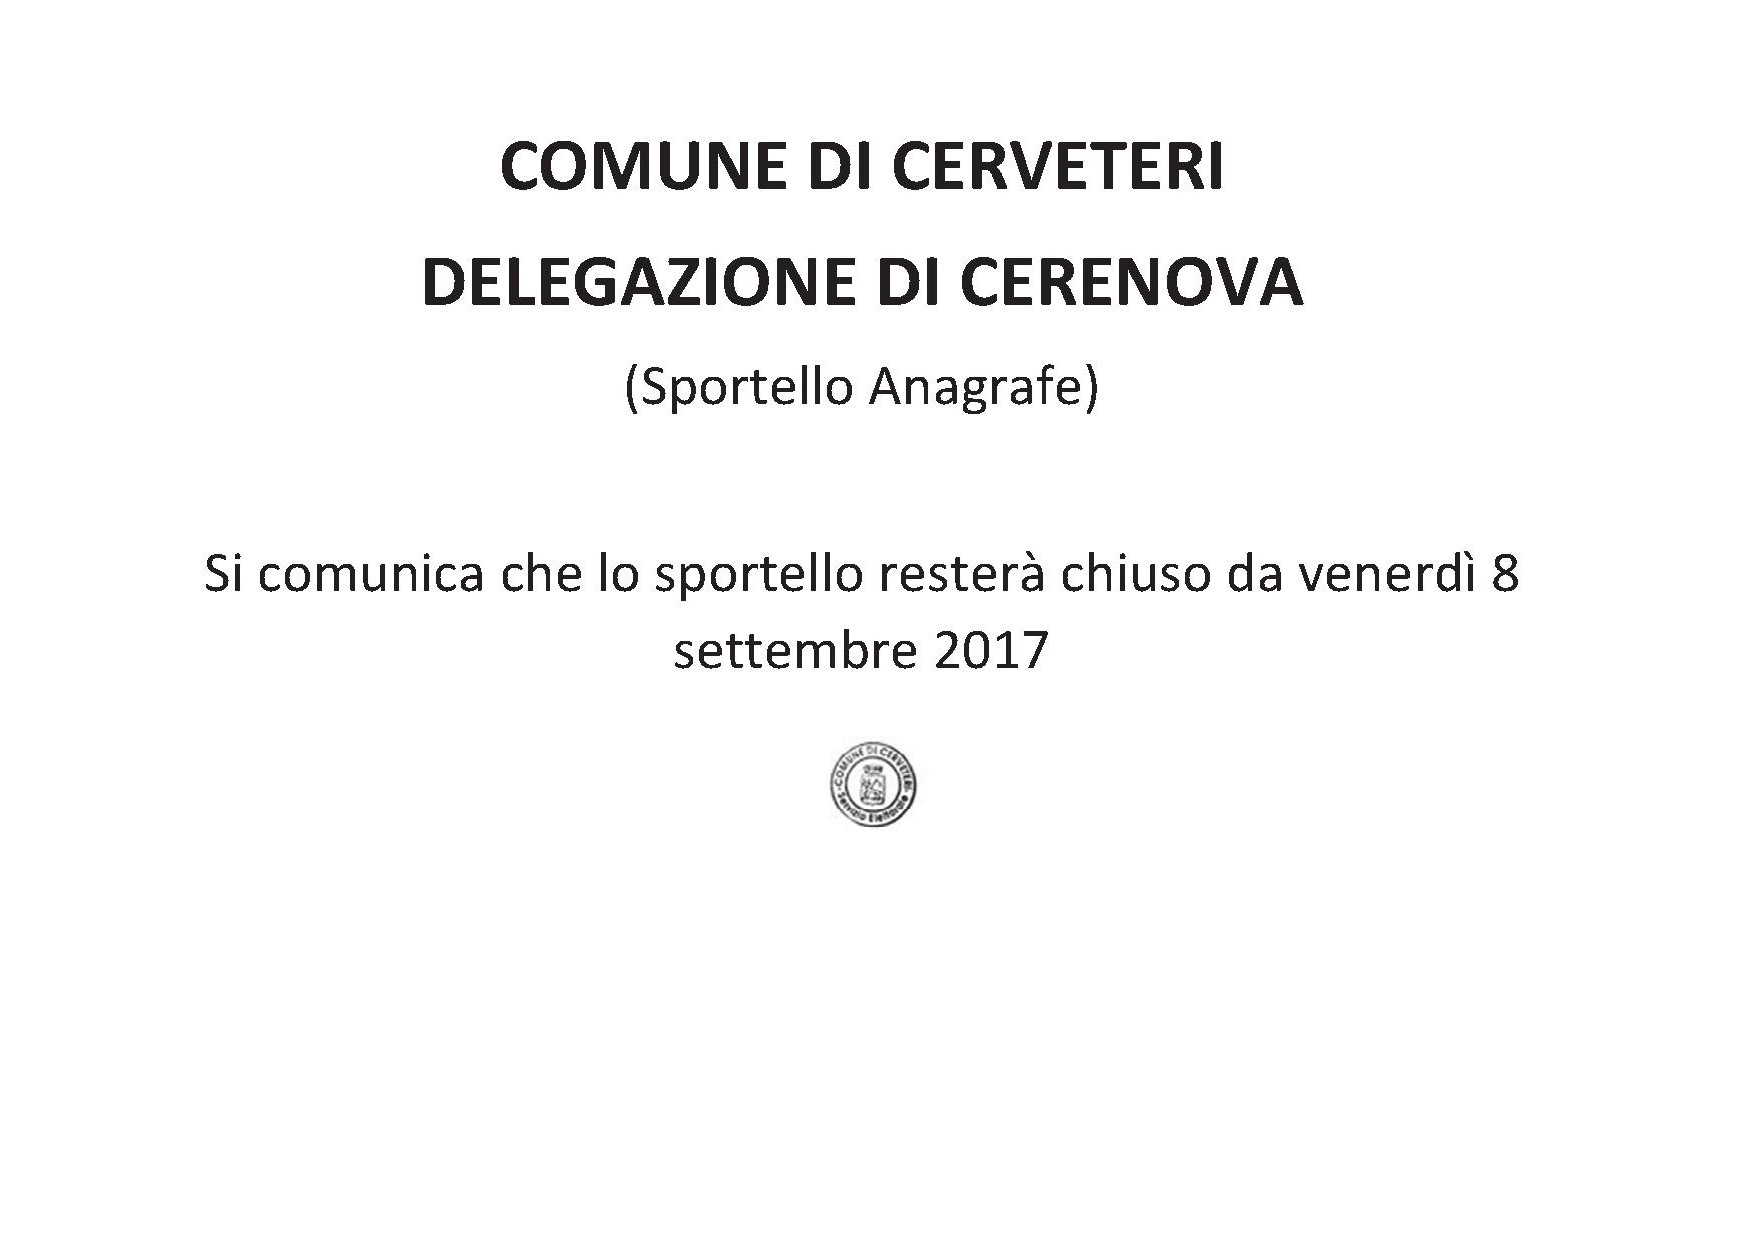 AVVISO DELEGAZIONE DI CERENOVA